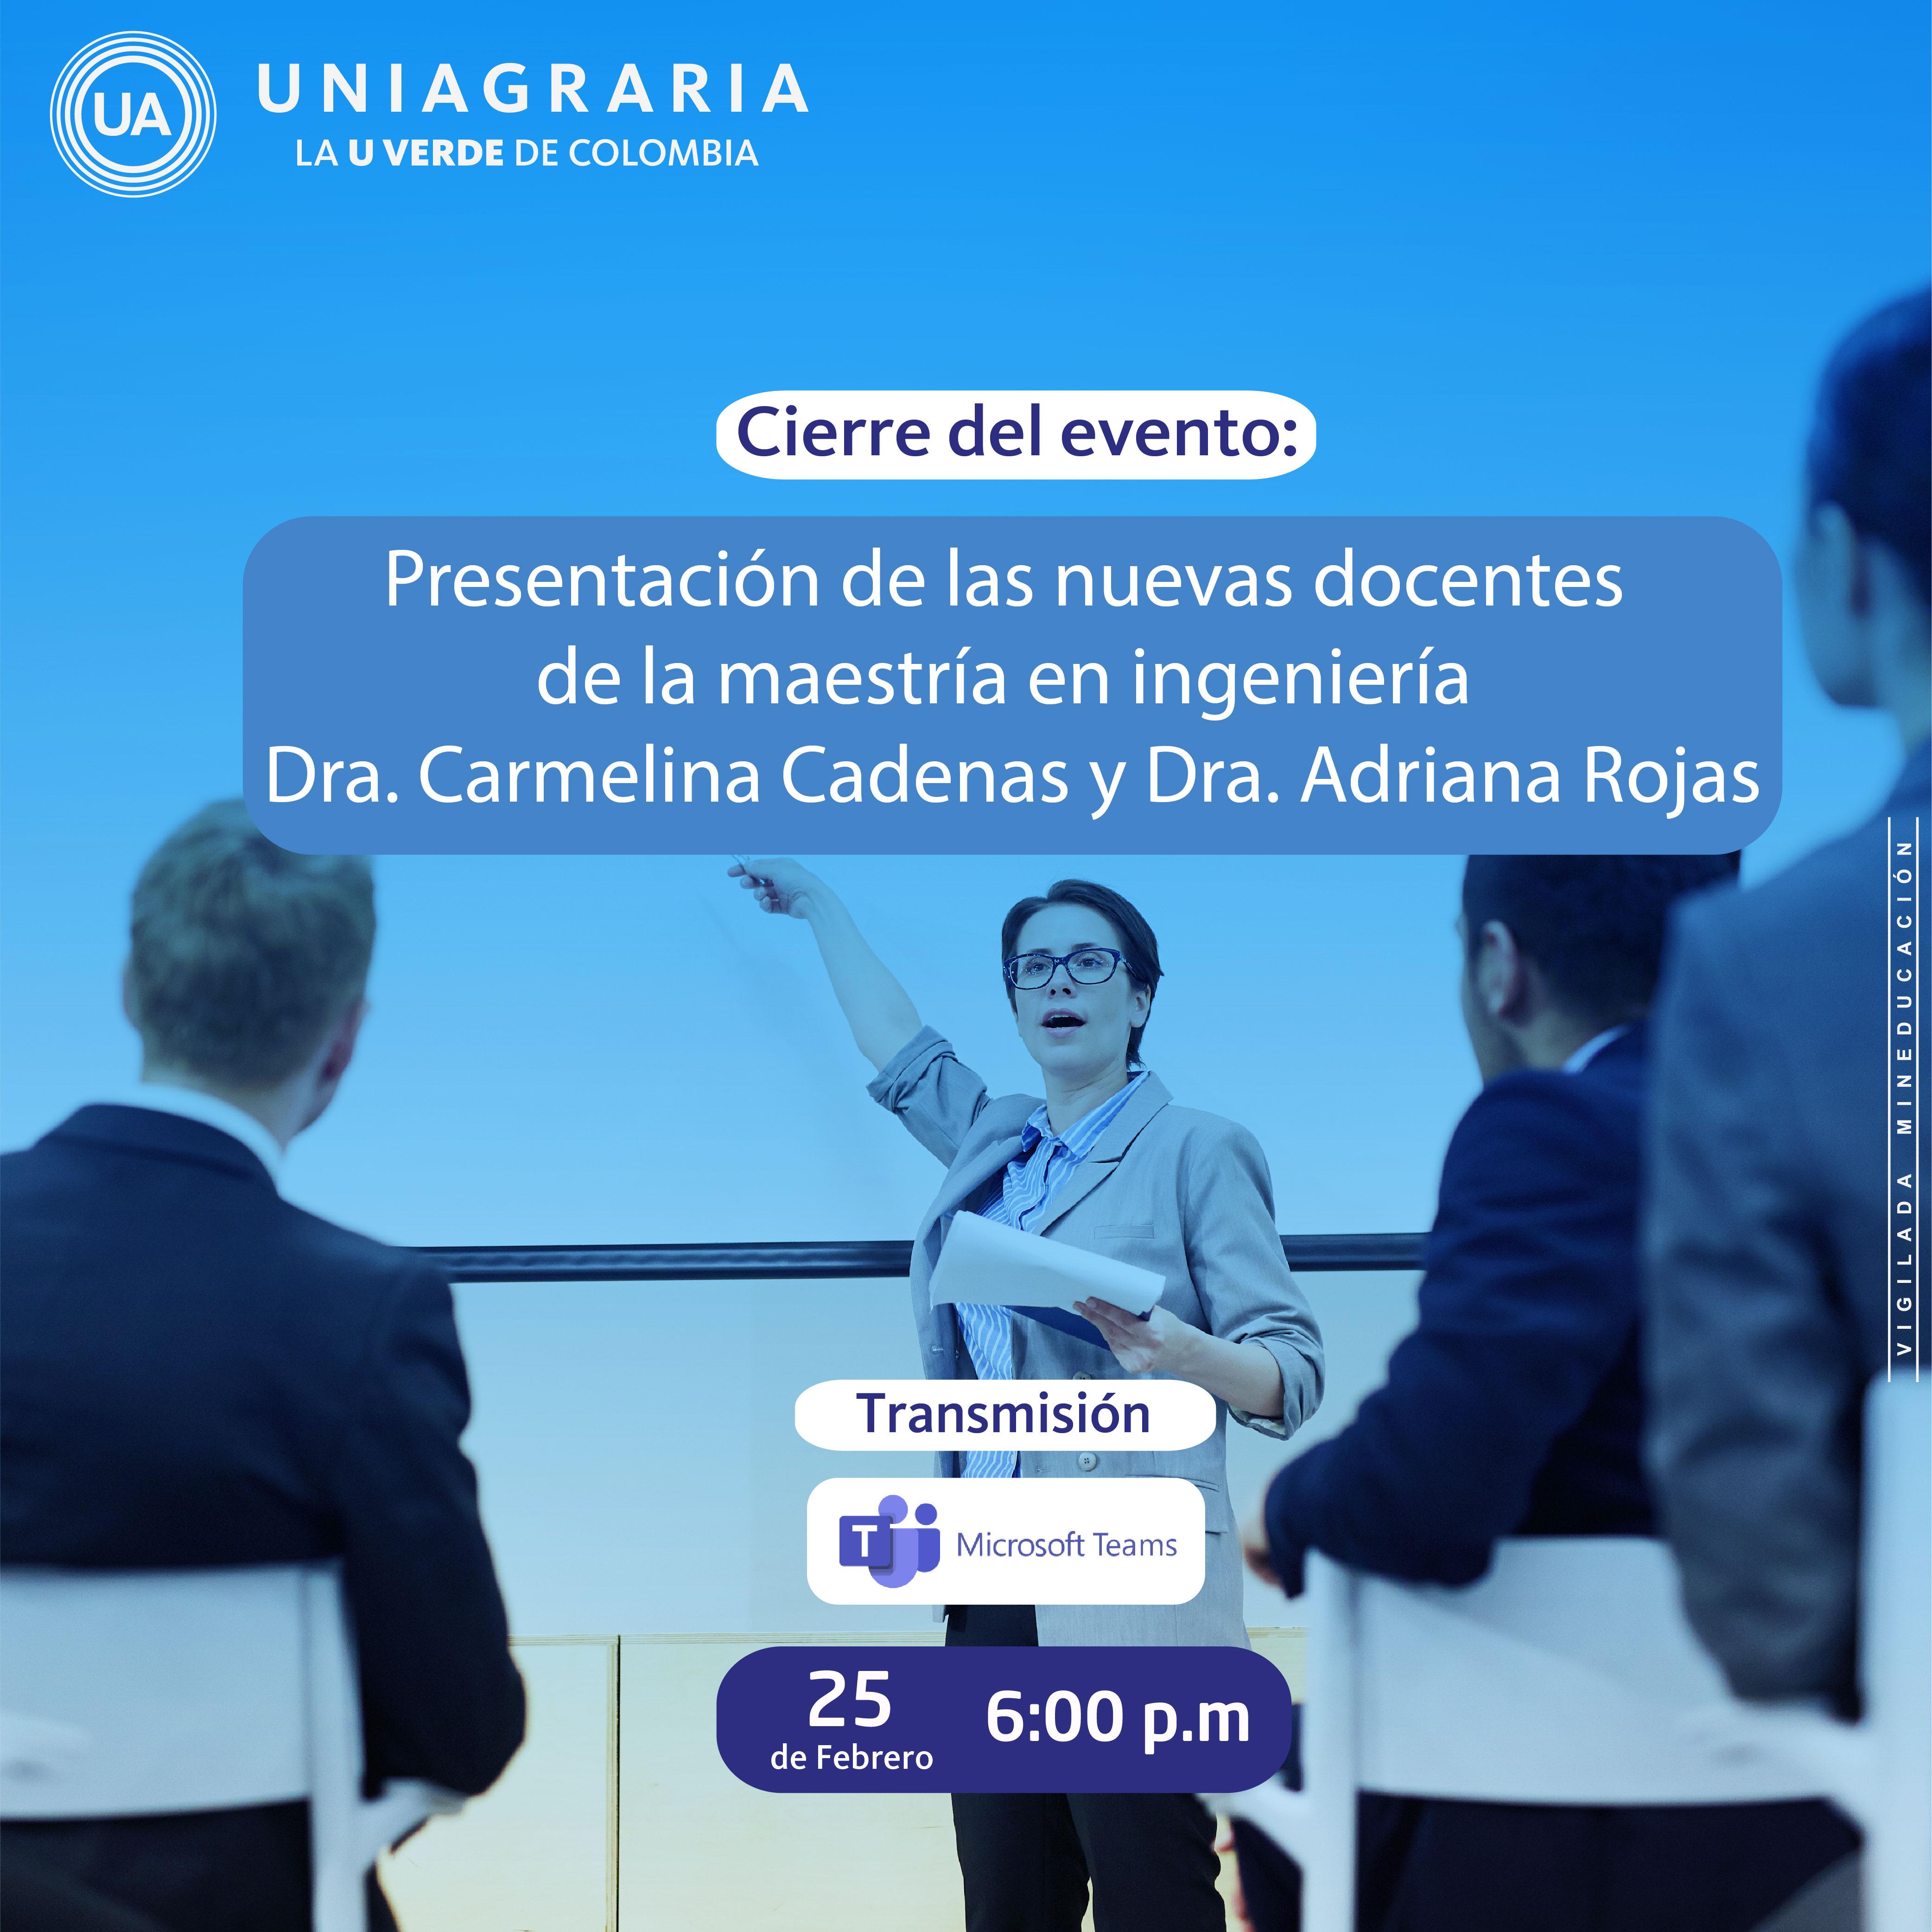 II Seminario de Maestría en Ingeniería UNIAGRARIA 2021